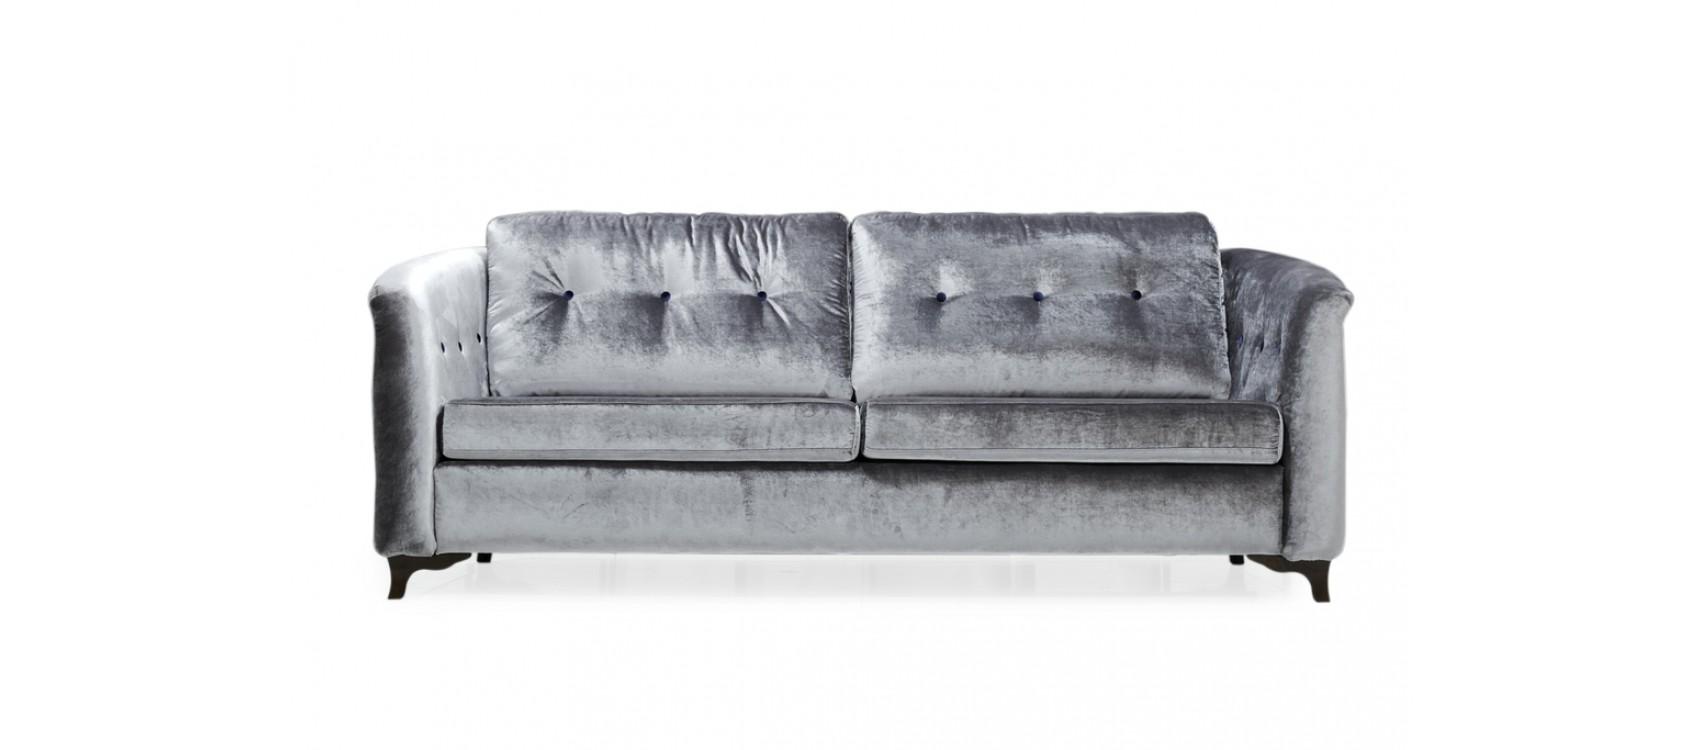 Sofa MAXBURG foto 10